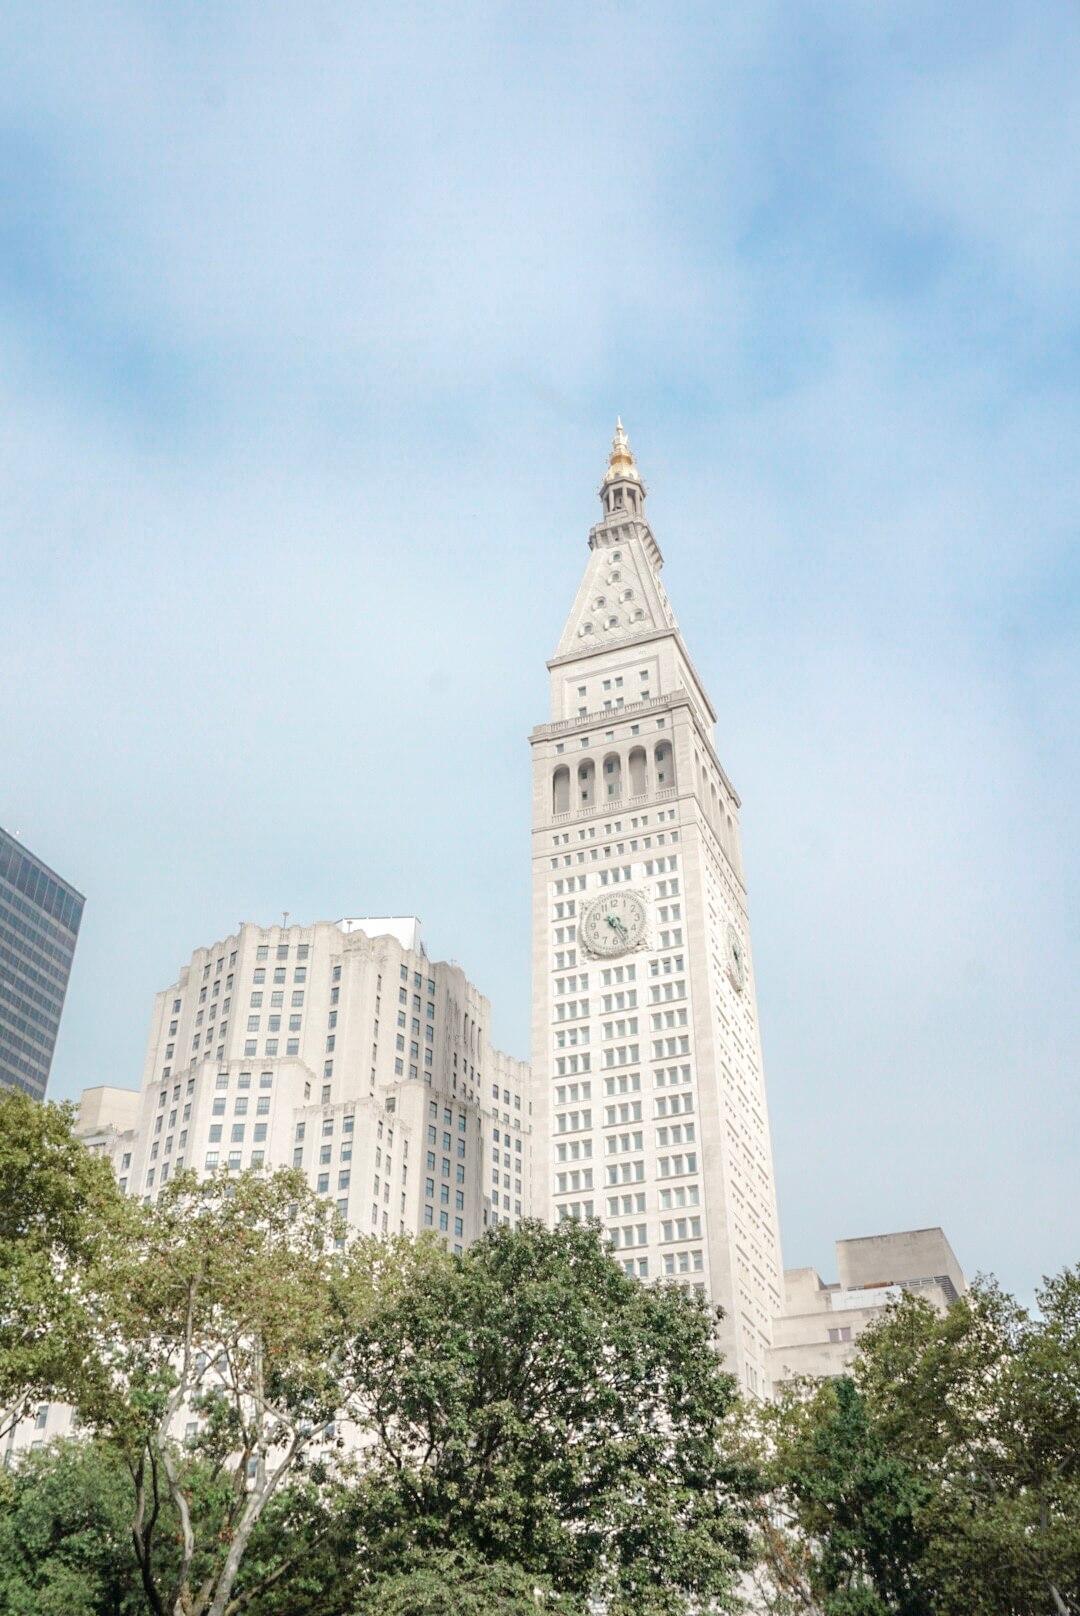 plus beaux building de new york